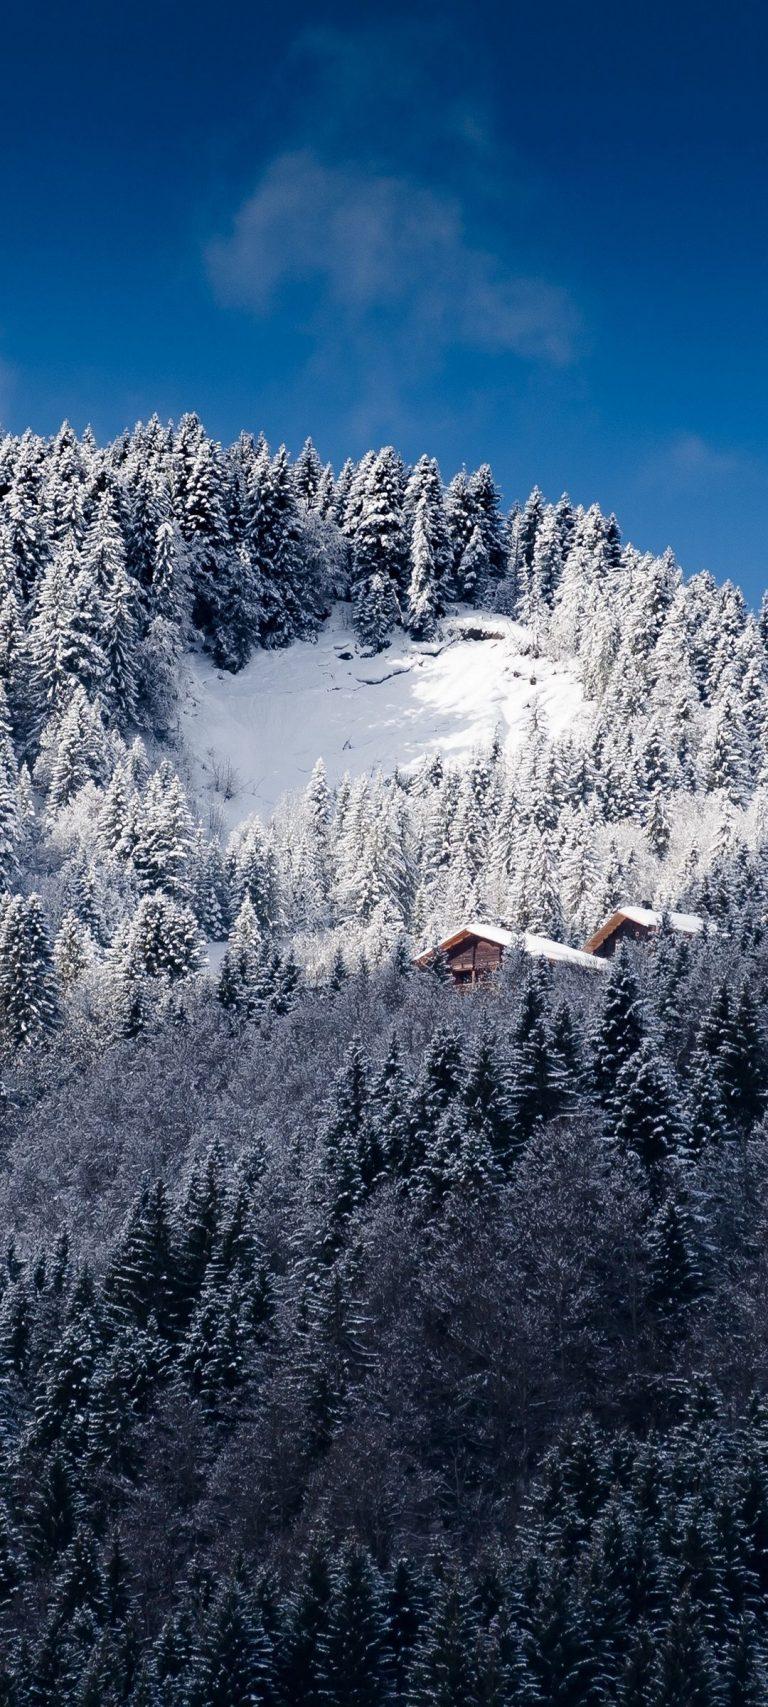 Alps Mountains Snow Trees 1080x2400 768x1707